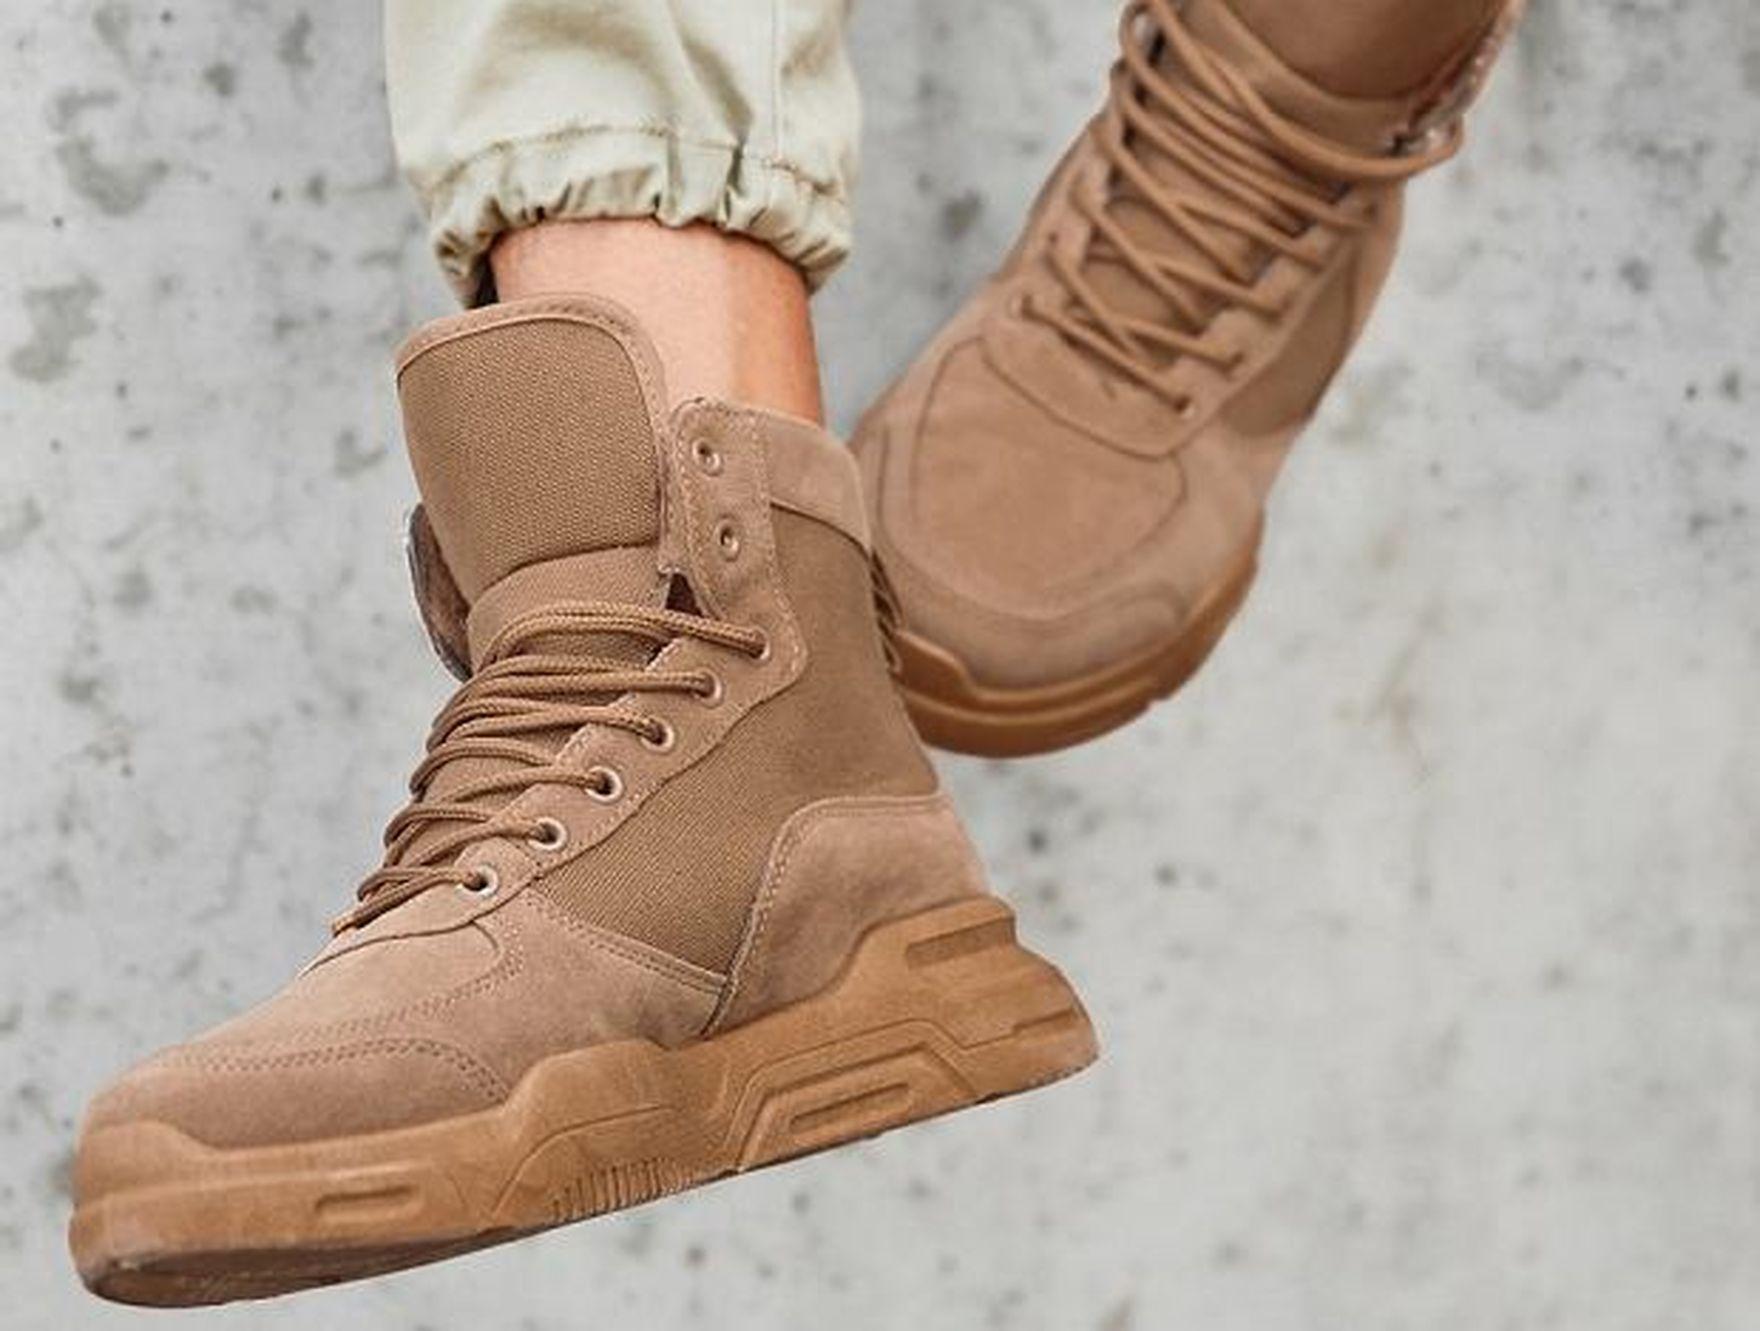 Te buty sportowe męskie na jesień powinny się znaleźć w szafie każdego sneakerheada. TOP 18 modeli